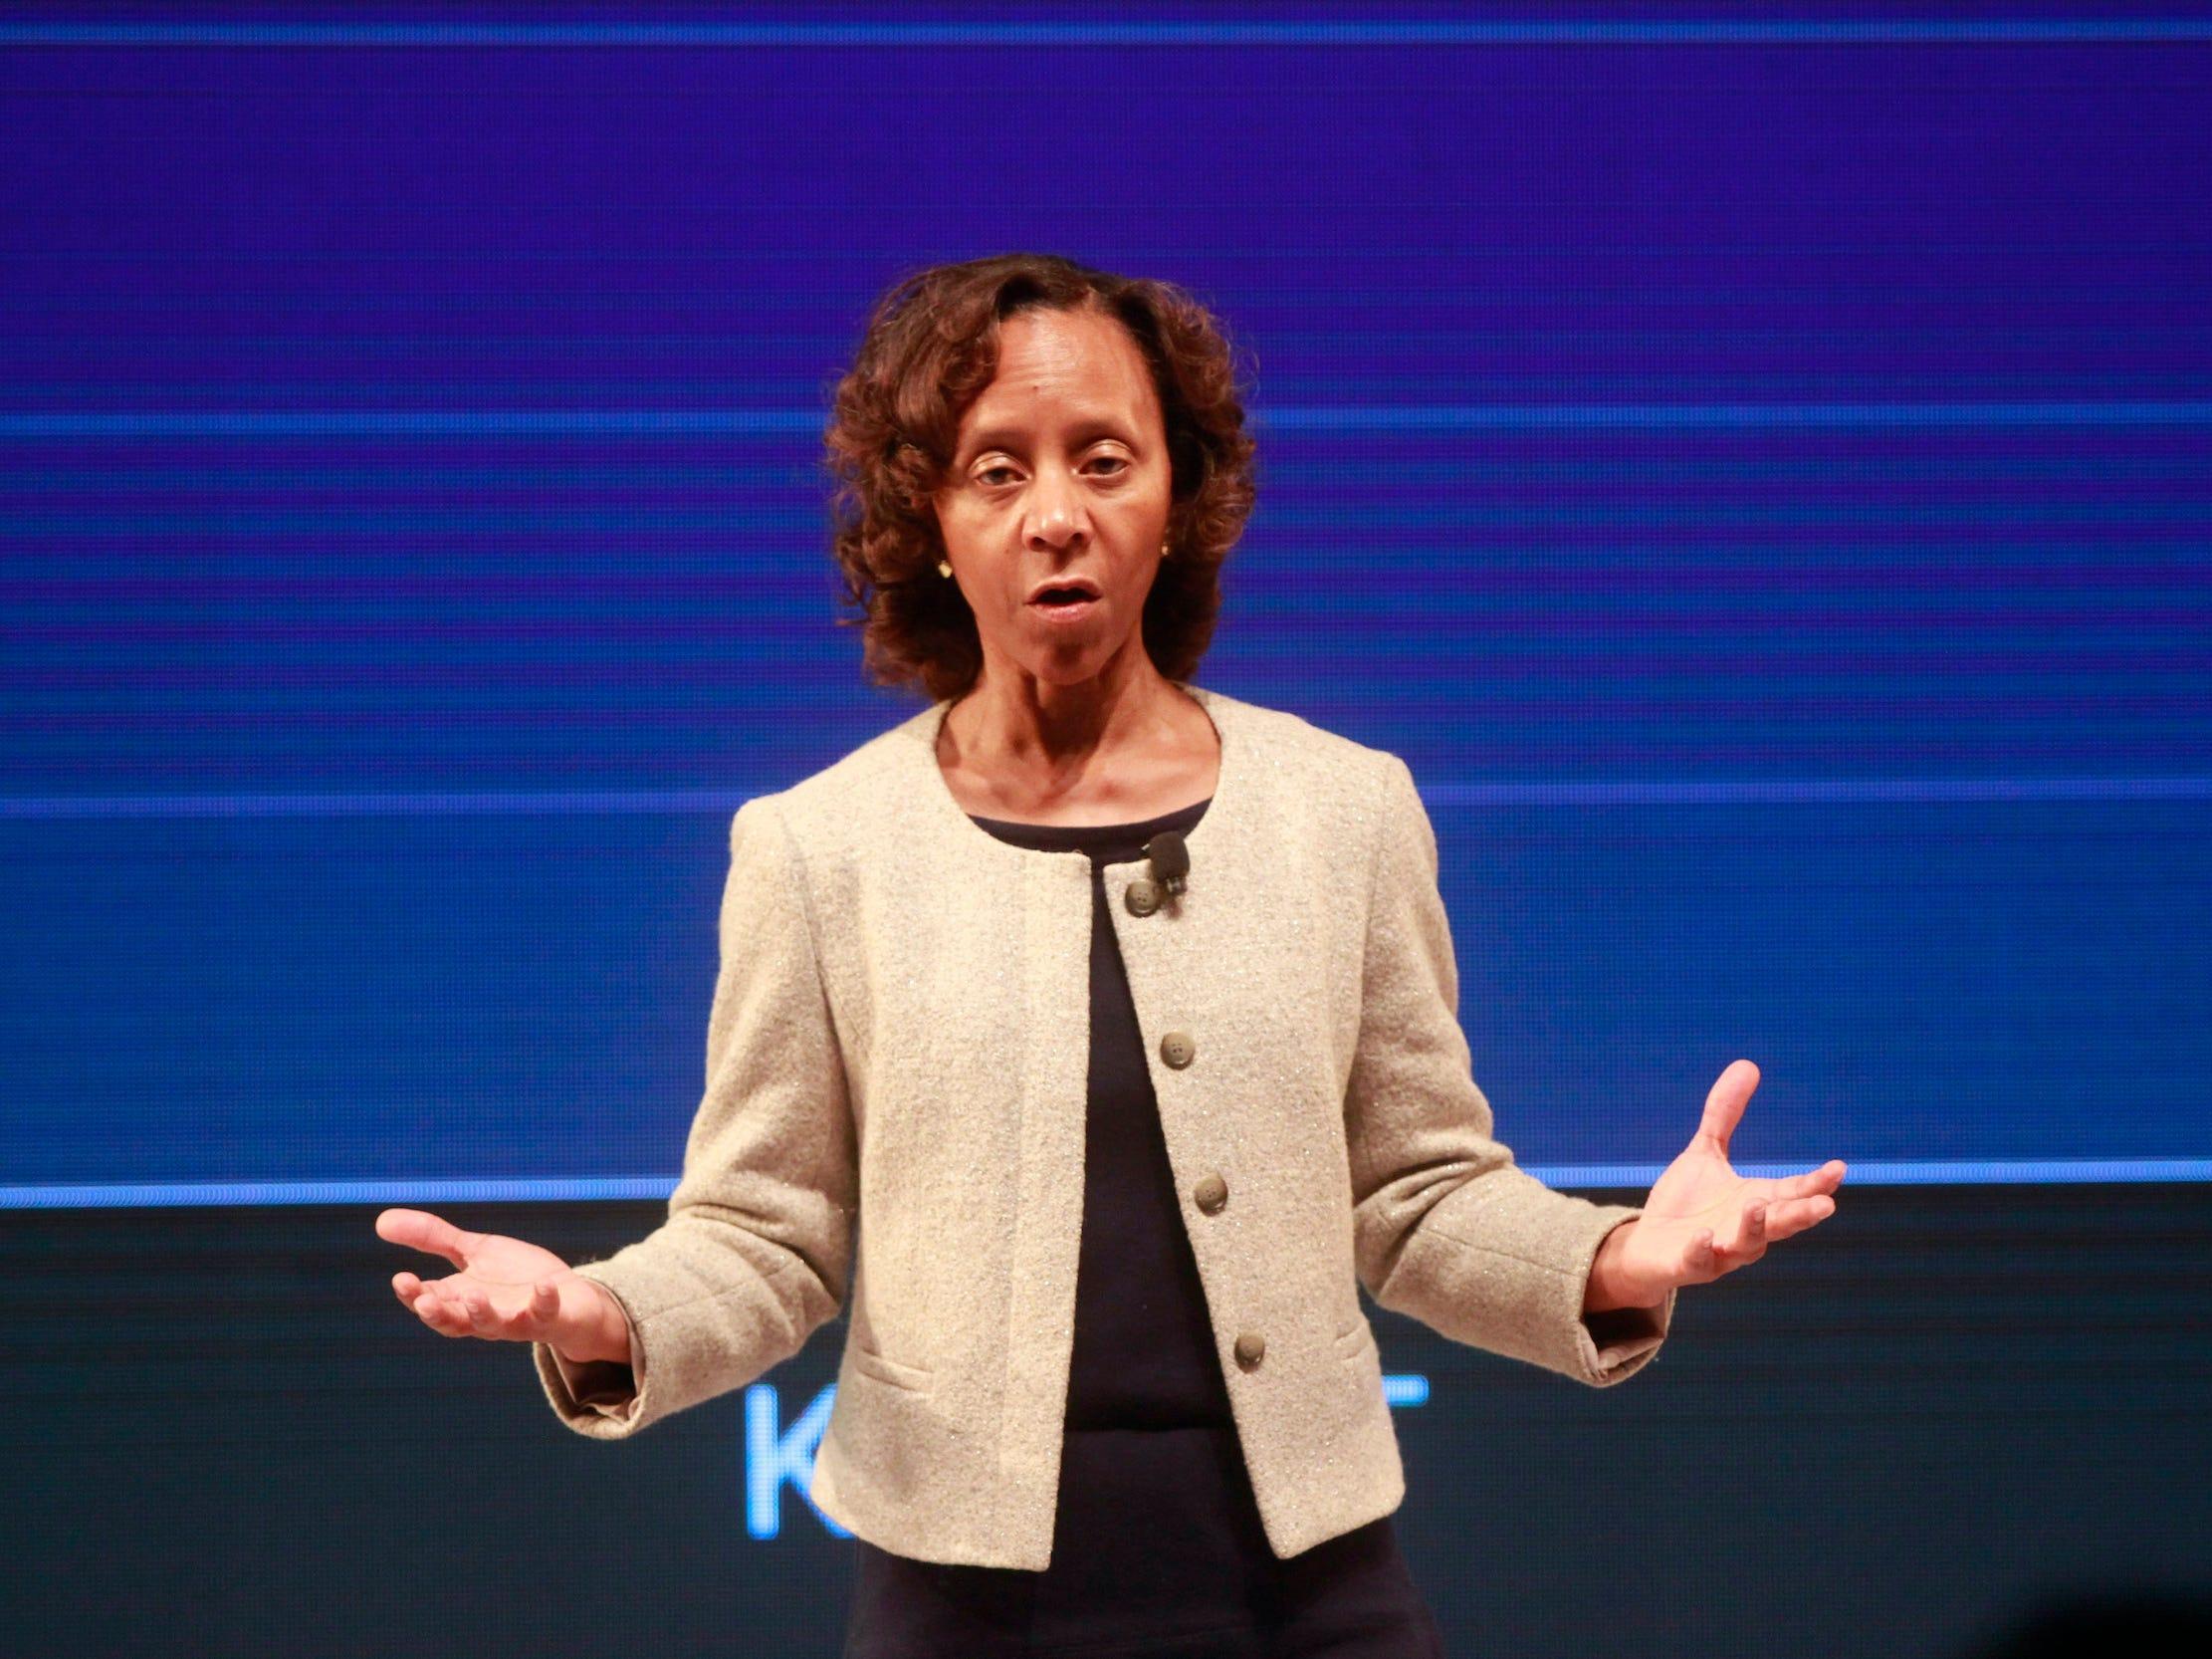 Marian Croak, Google VP of engineering